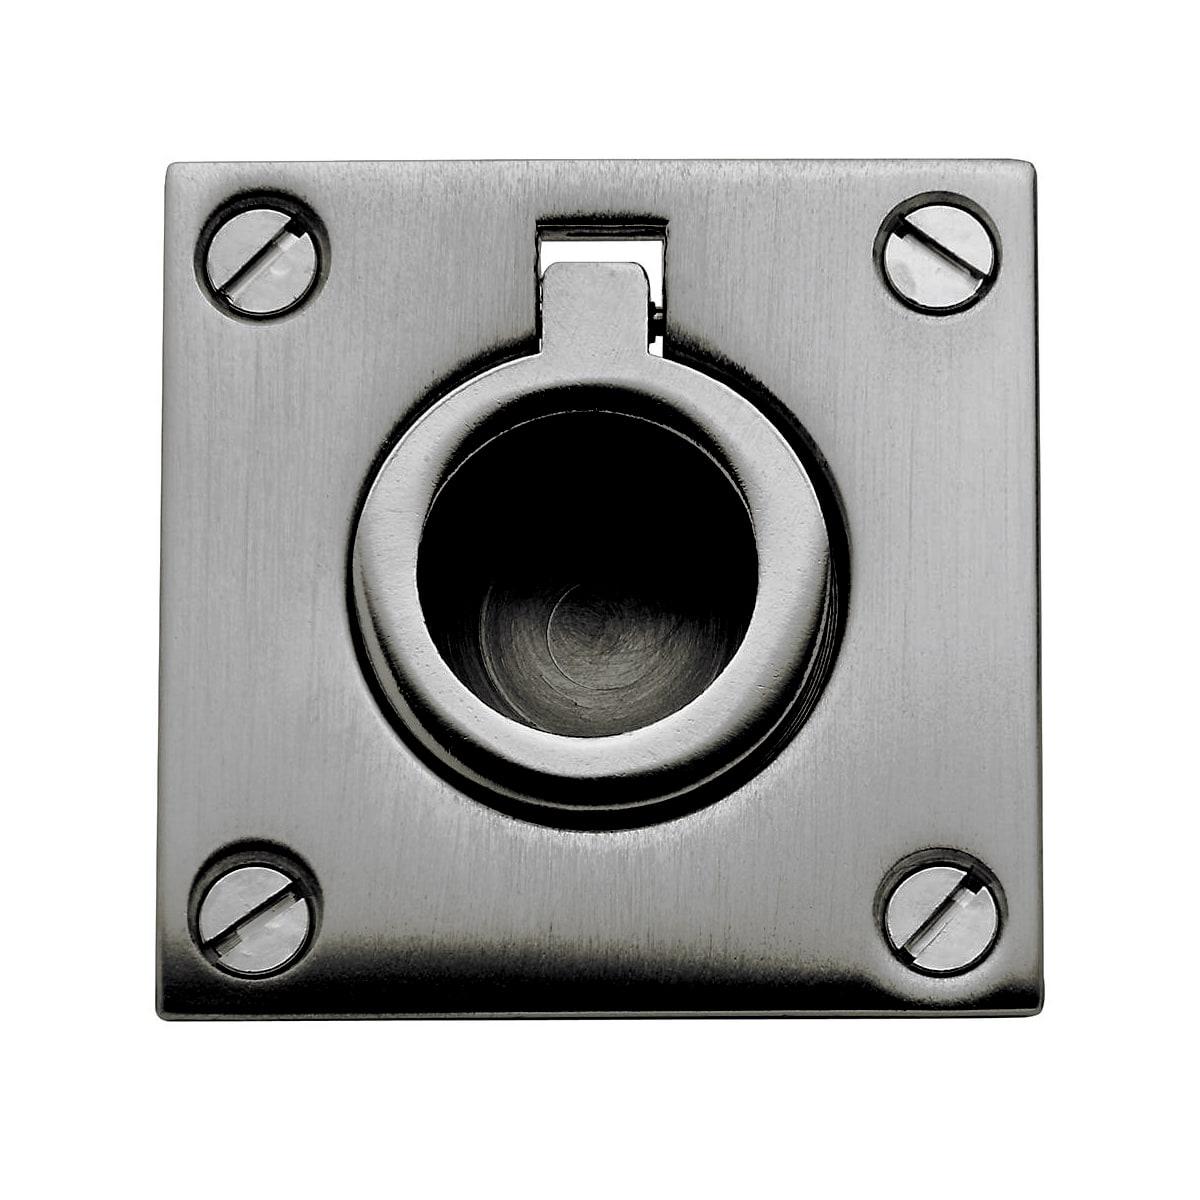 Baldwin 1-5/8 Inch x 1-5/8 Inch Flush Cabinet Pull